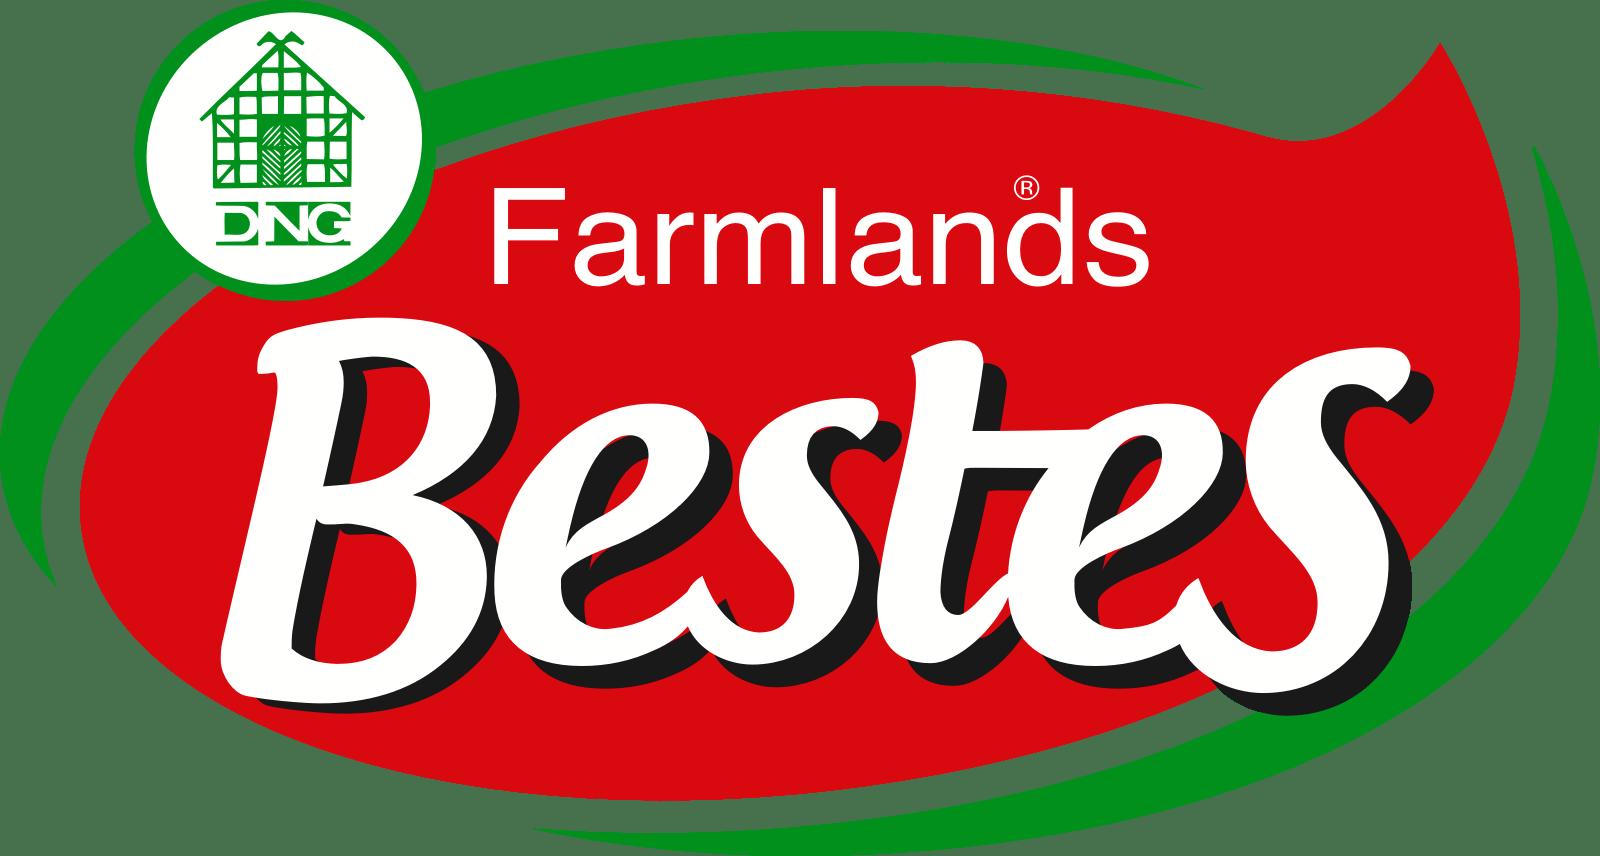 Farmland's Bestes - Die Marke für Qualität ohne Kompromisse. Beste Rohstoffe, besondere Rezepturen.